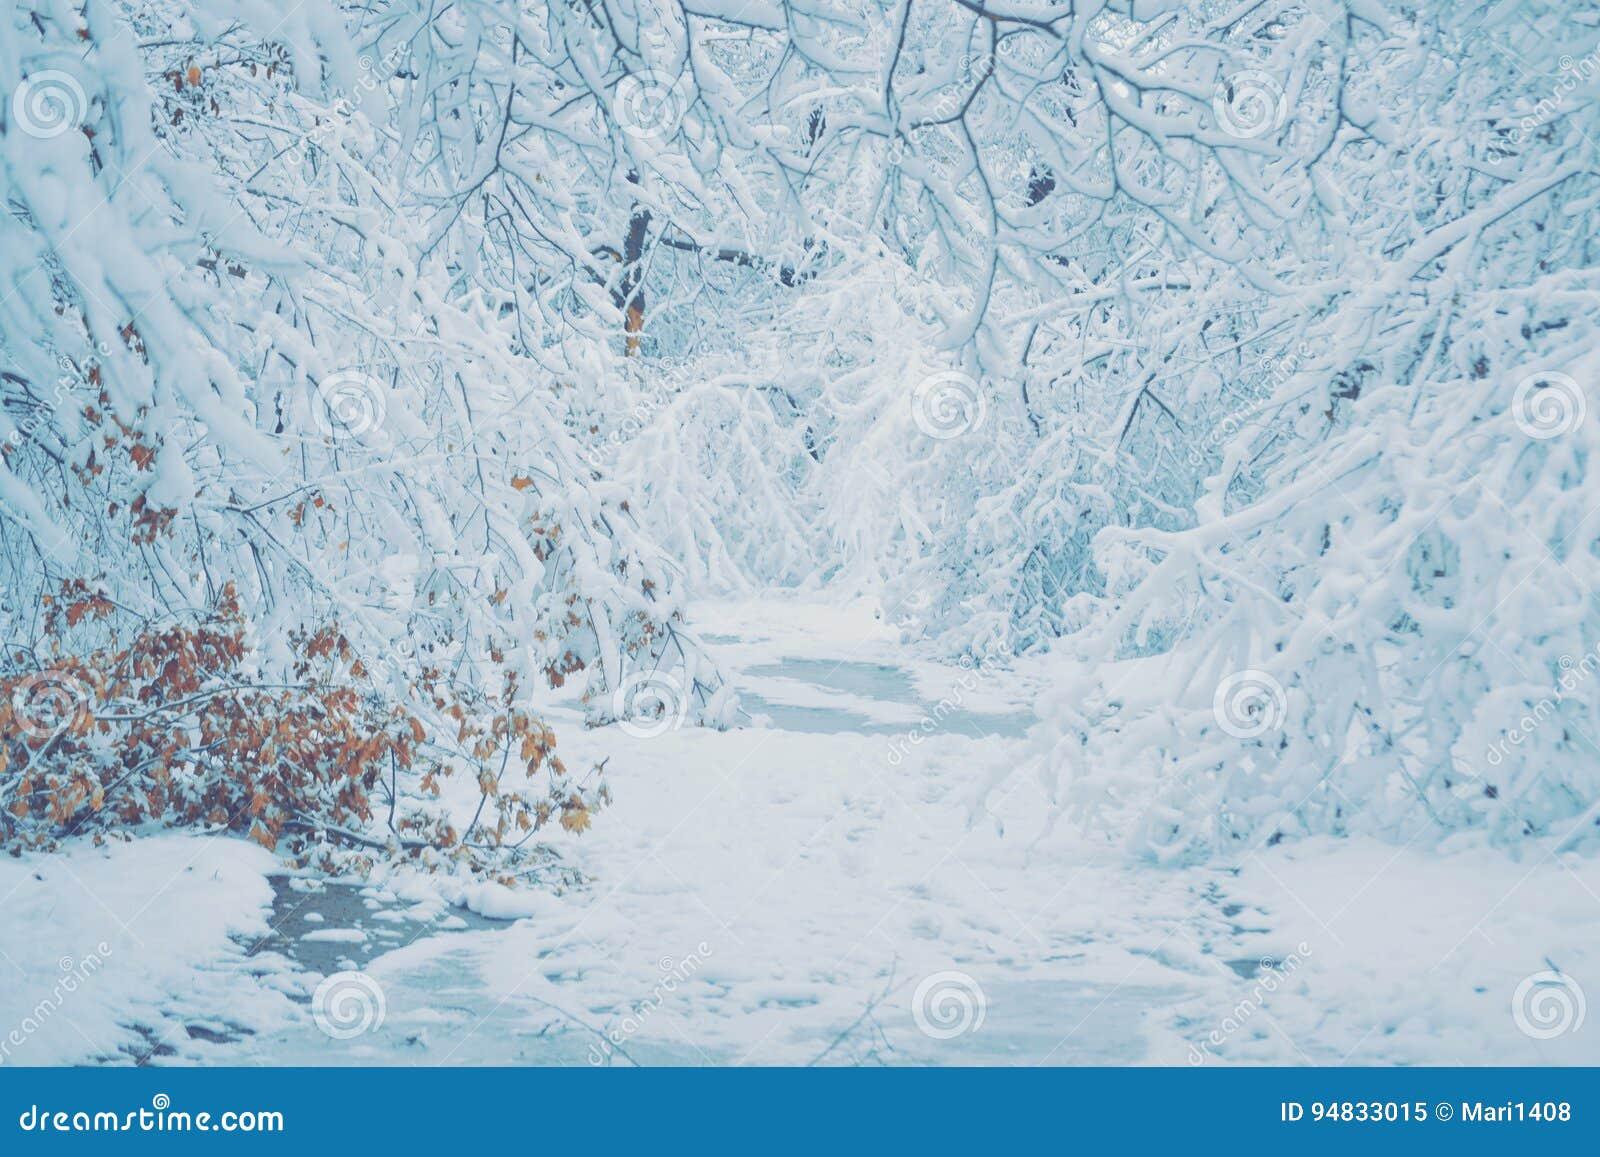 Foto Di Natale Neve Inverno 94.Foresta Innevata Delle Piante Degli Alberi In Filtro Da Inverno